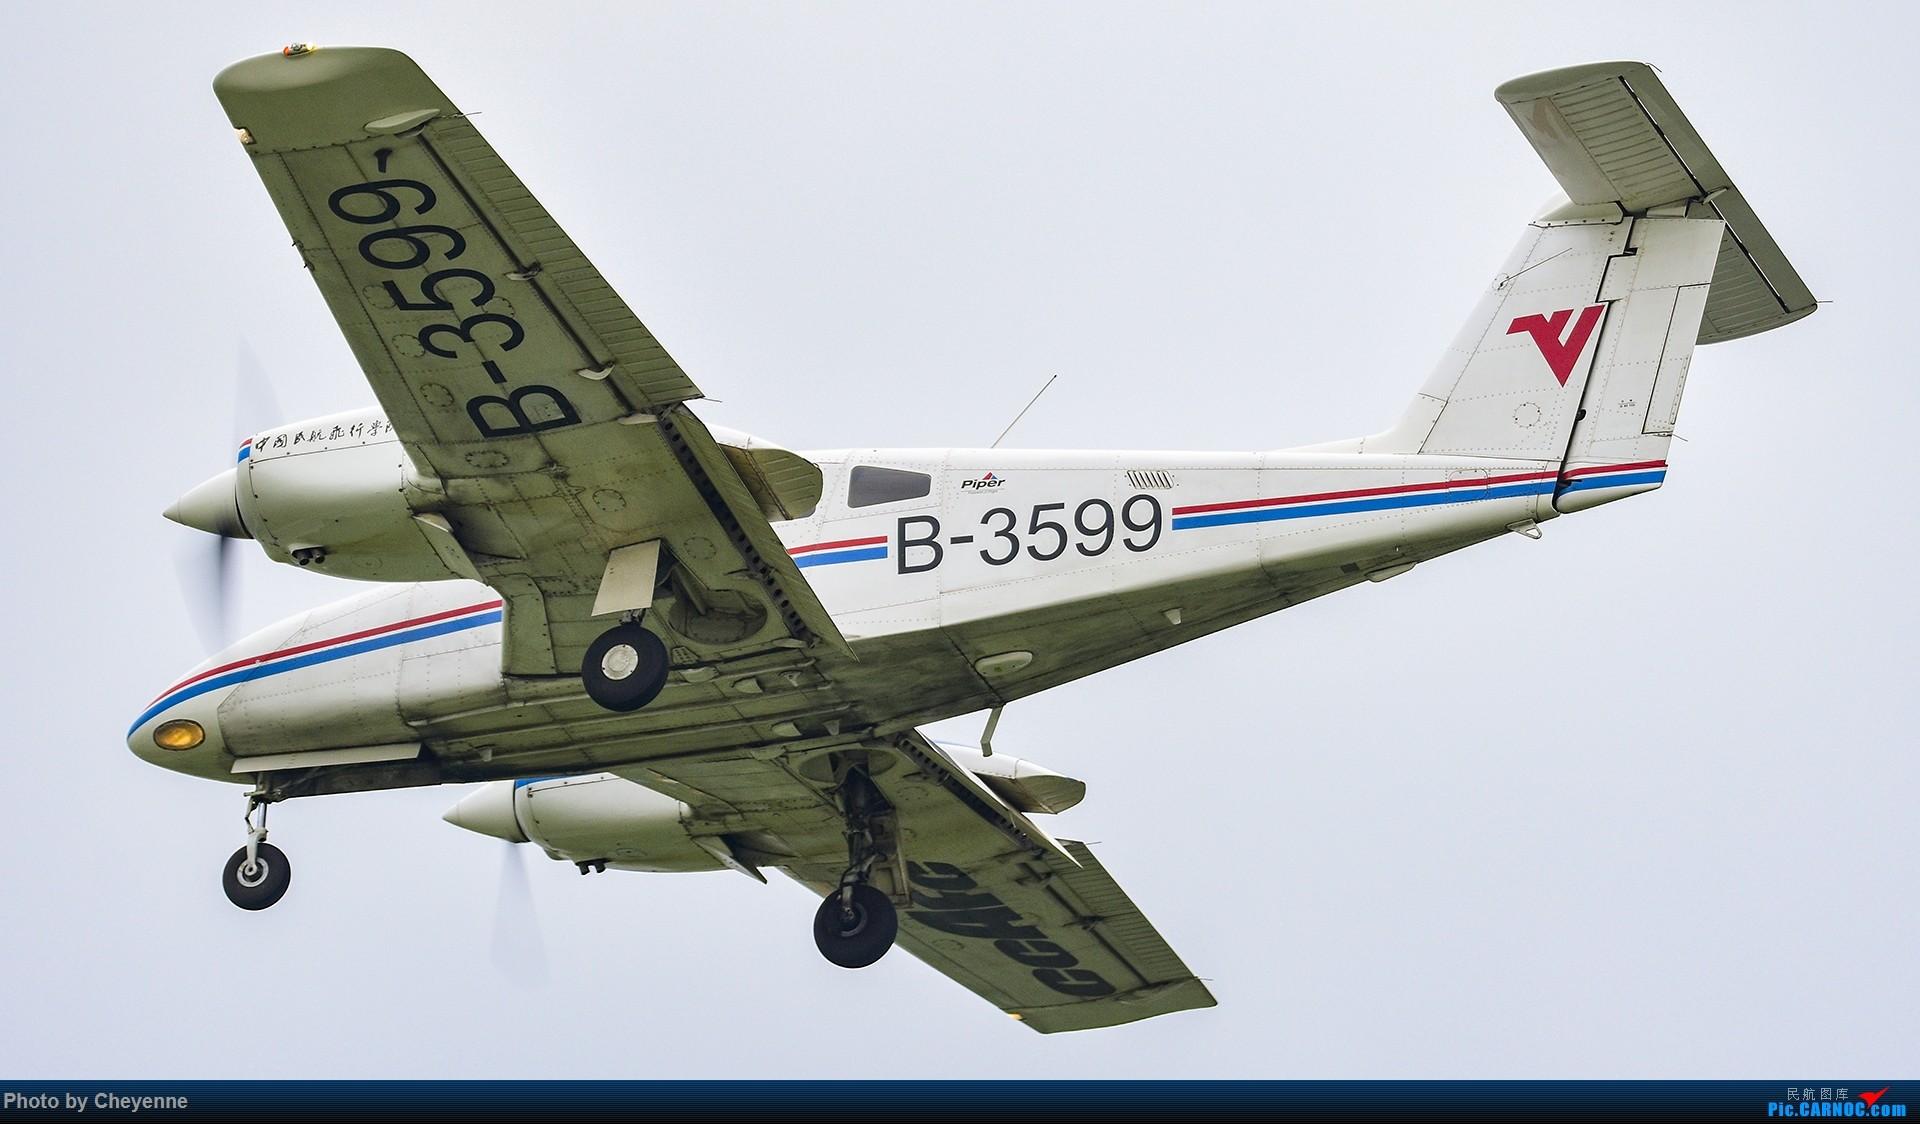 Re:[原创]鸭子河边的日常 PIPER PA-44-180 B-3599 中国广汉机场